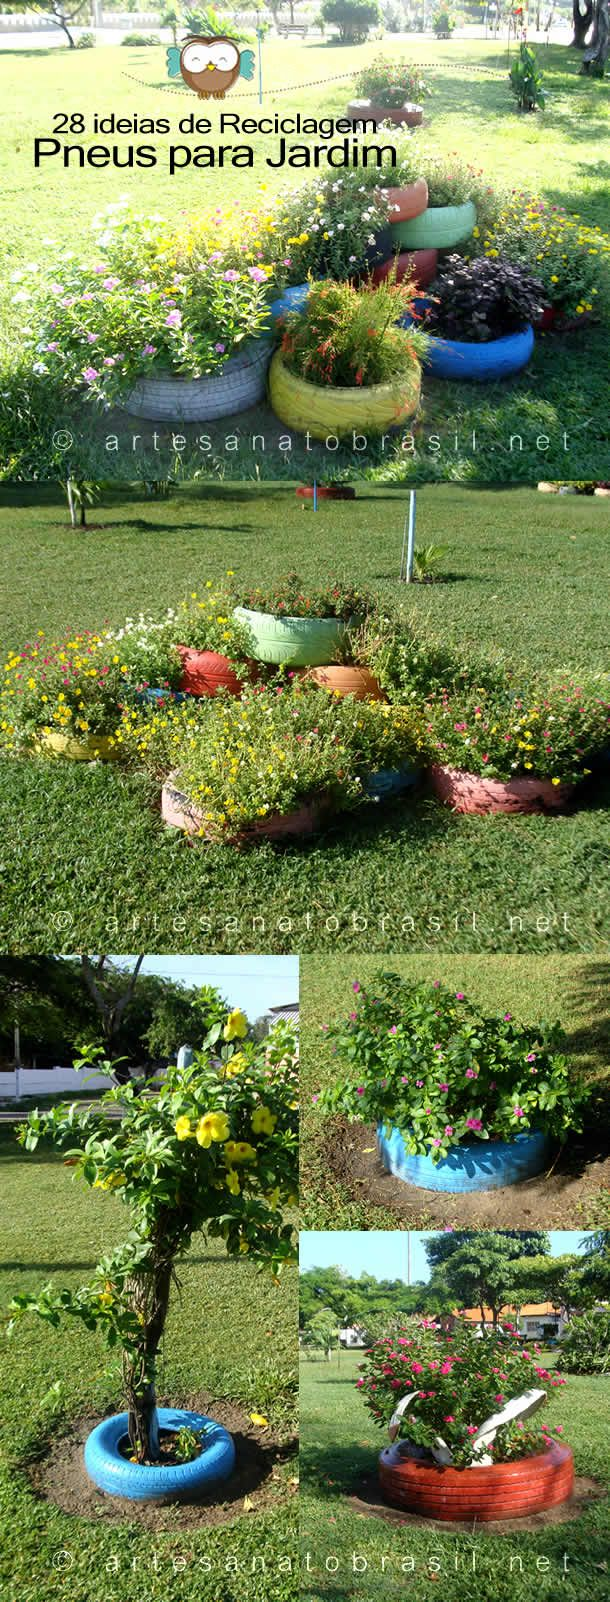 Garden decor with tyres   Jardim com Pneus para Decorar em Sua Casa Modelos e Ideias